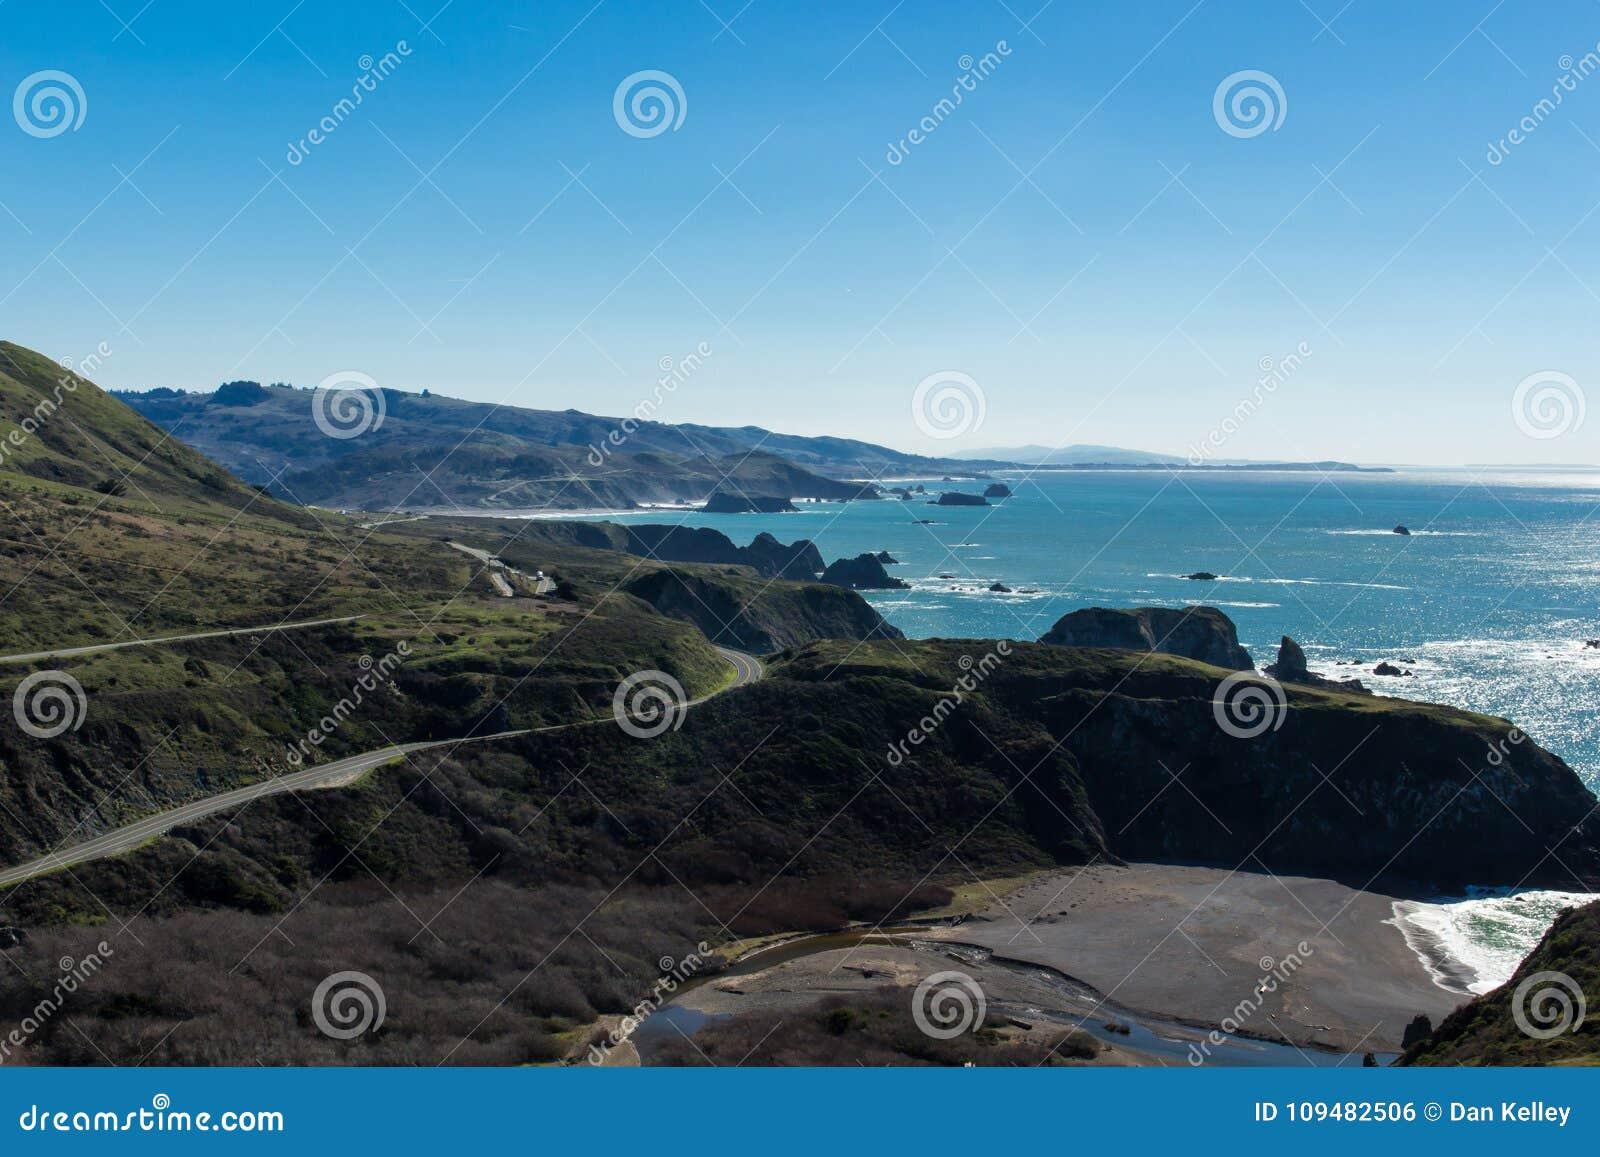 Estrada uma que enrola acima da costa de North Pacific